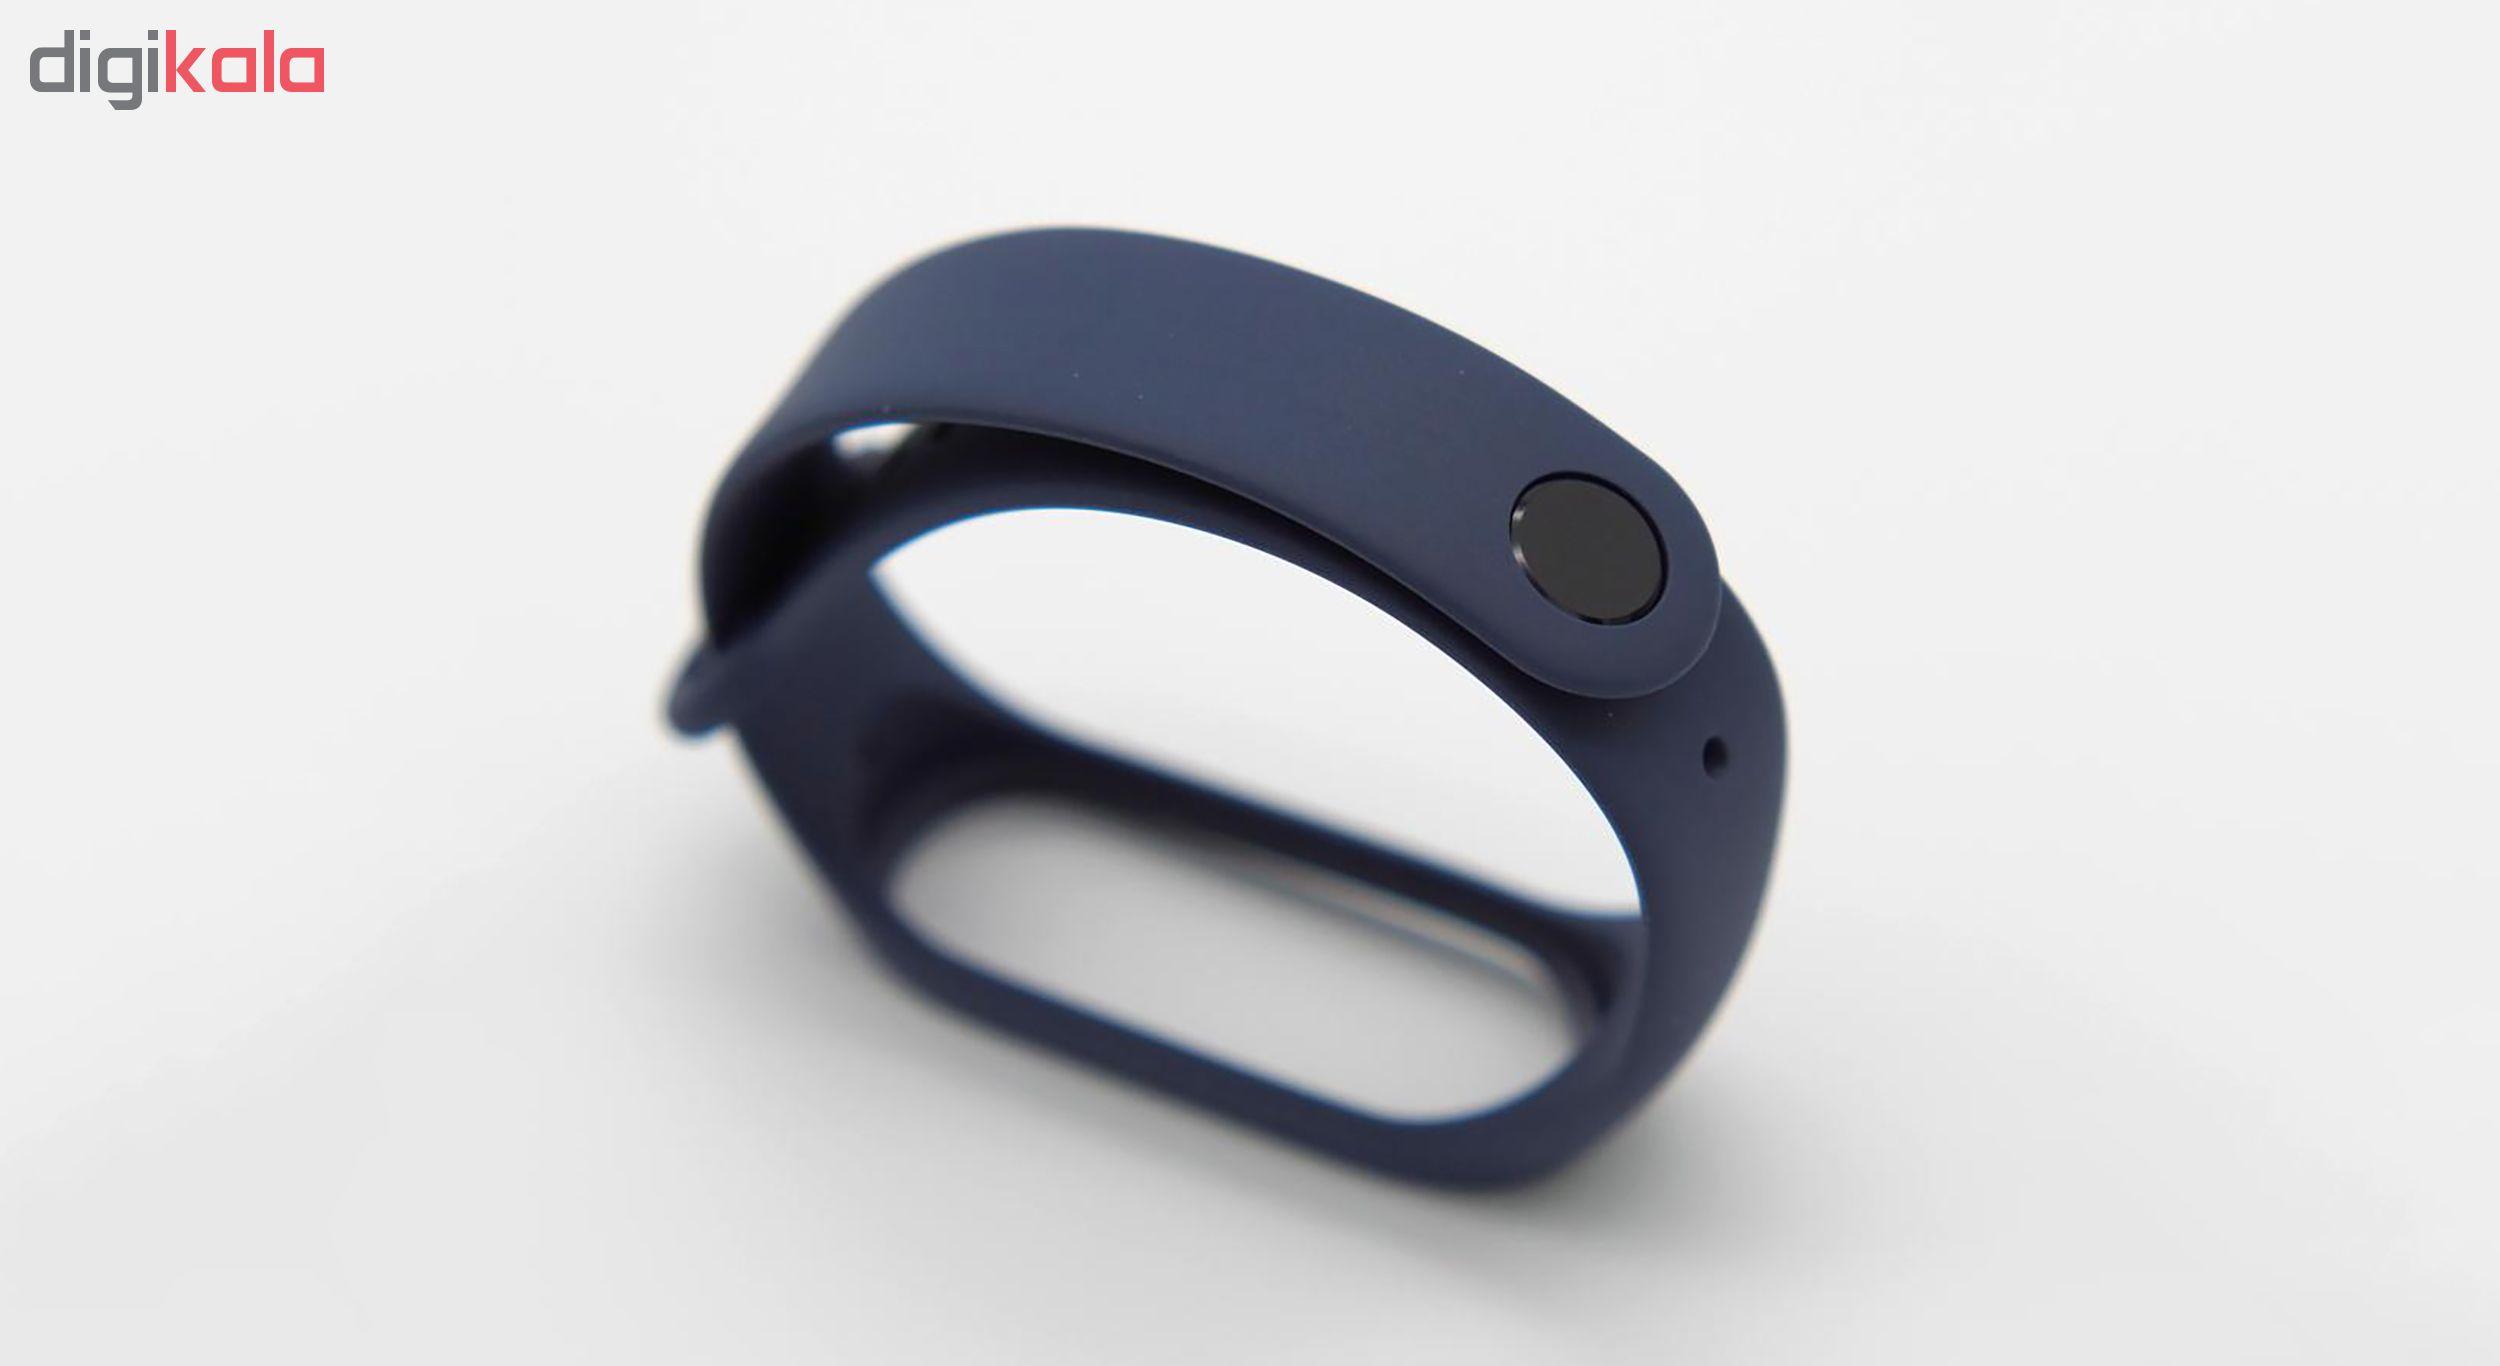 بند مچ بند هوشمند سومگ مدل SMG-S1 مناسب برای مچ بند هوشمند شیائومی Mi Band 3 و M3 main 1 15